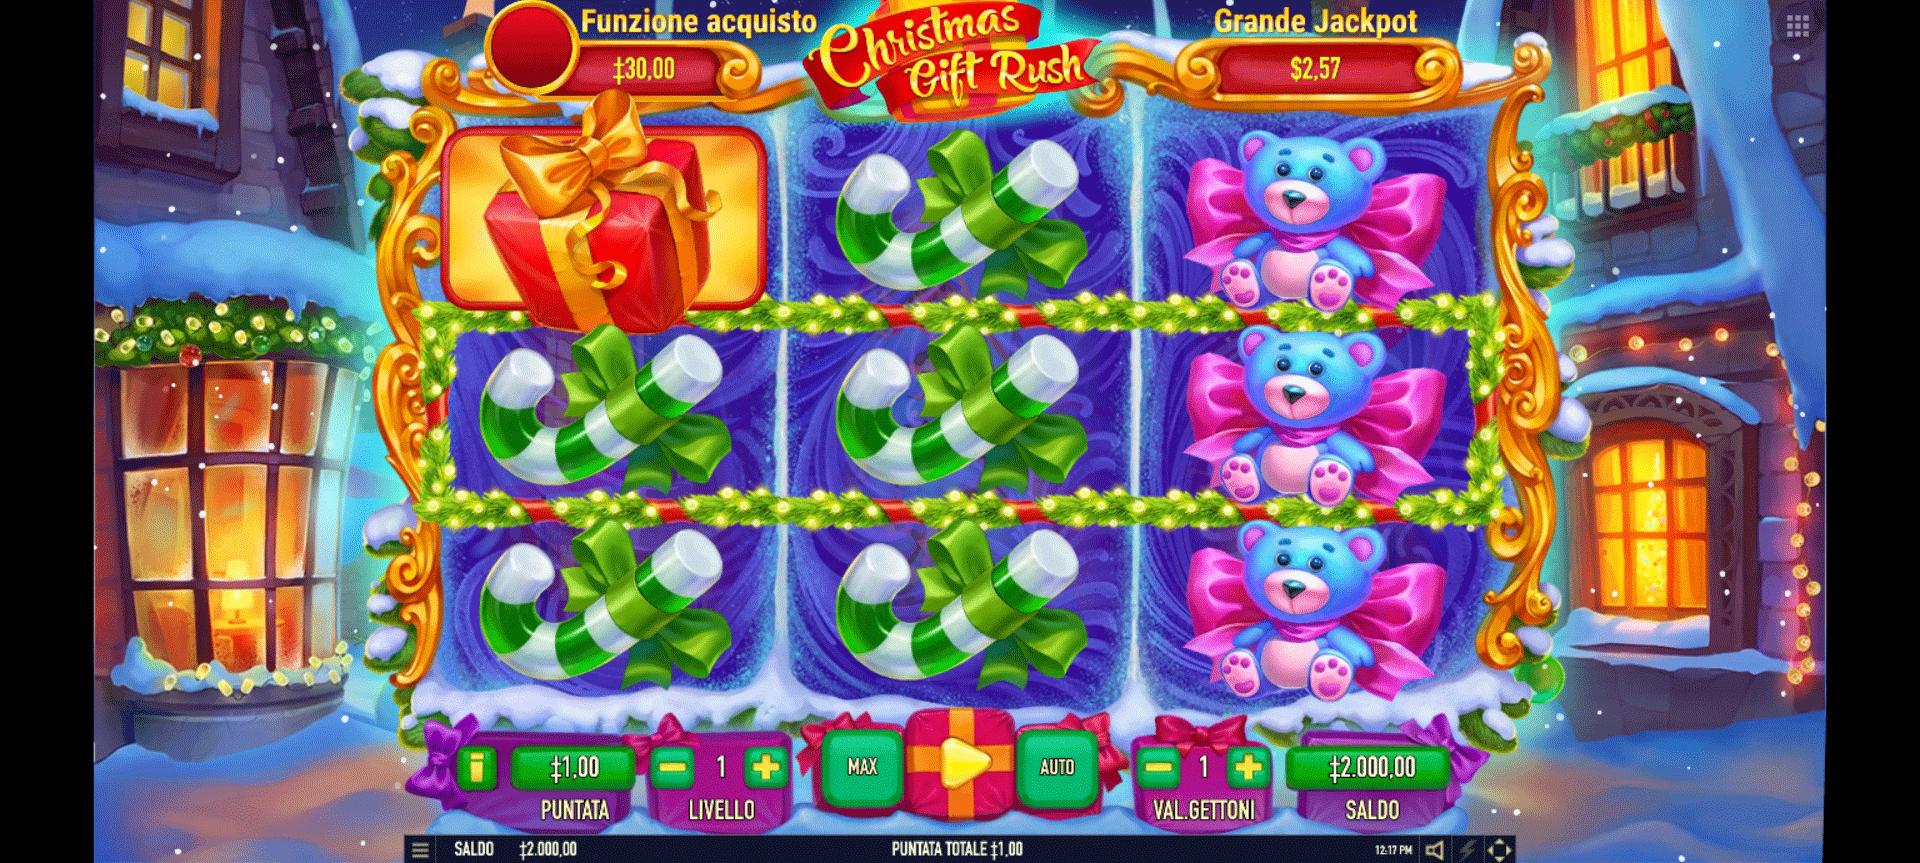 Slot Christmas Gift Rush